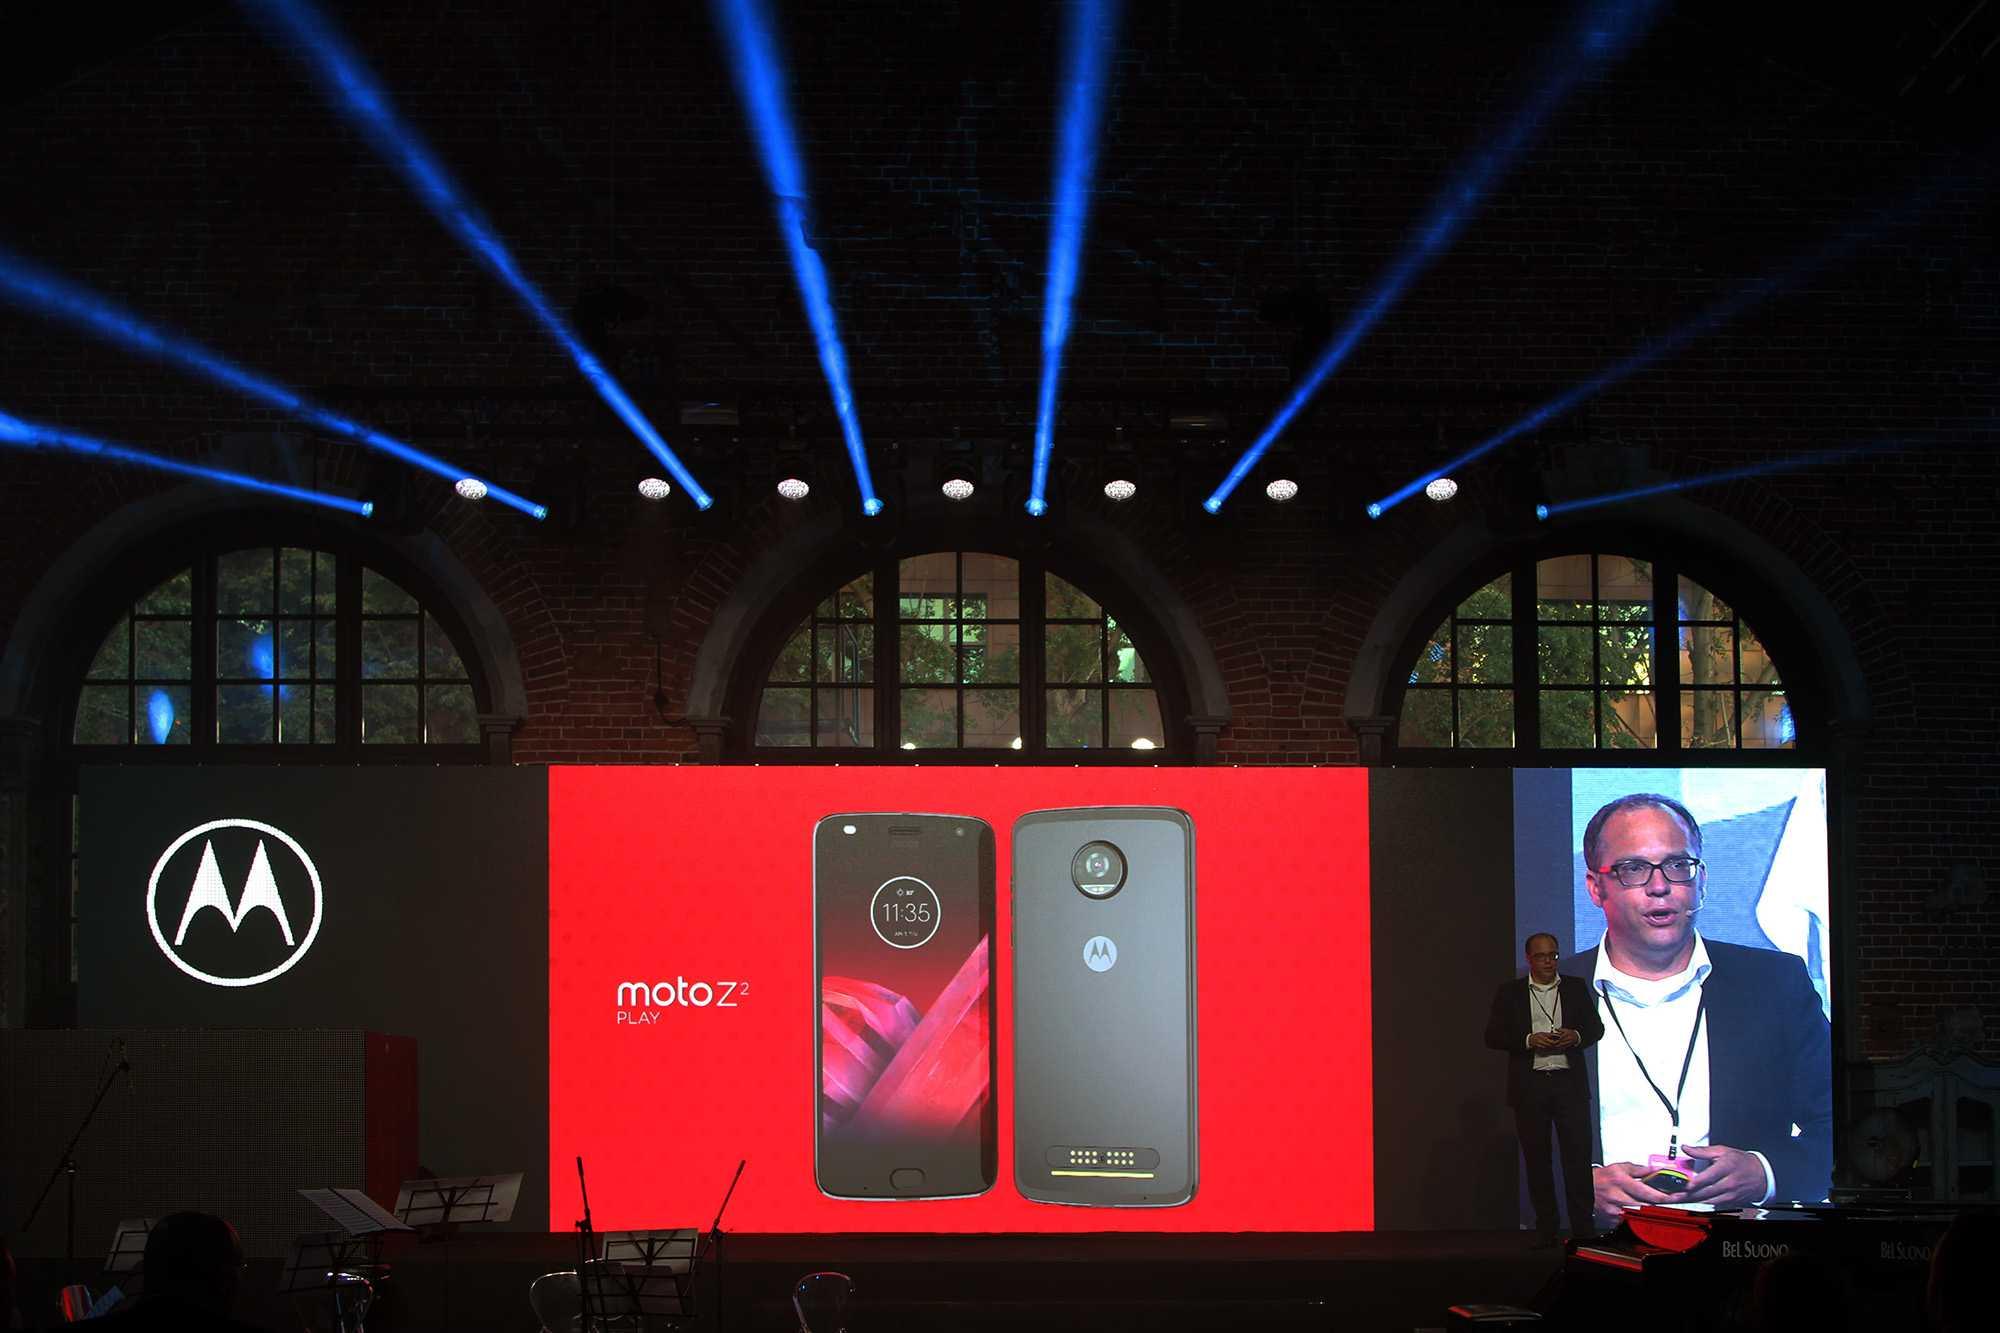 One fusion plus: новый смартфон motorola с выдвижной фронталкой ► последние новости